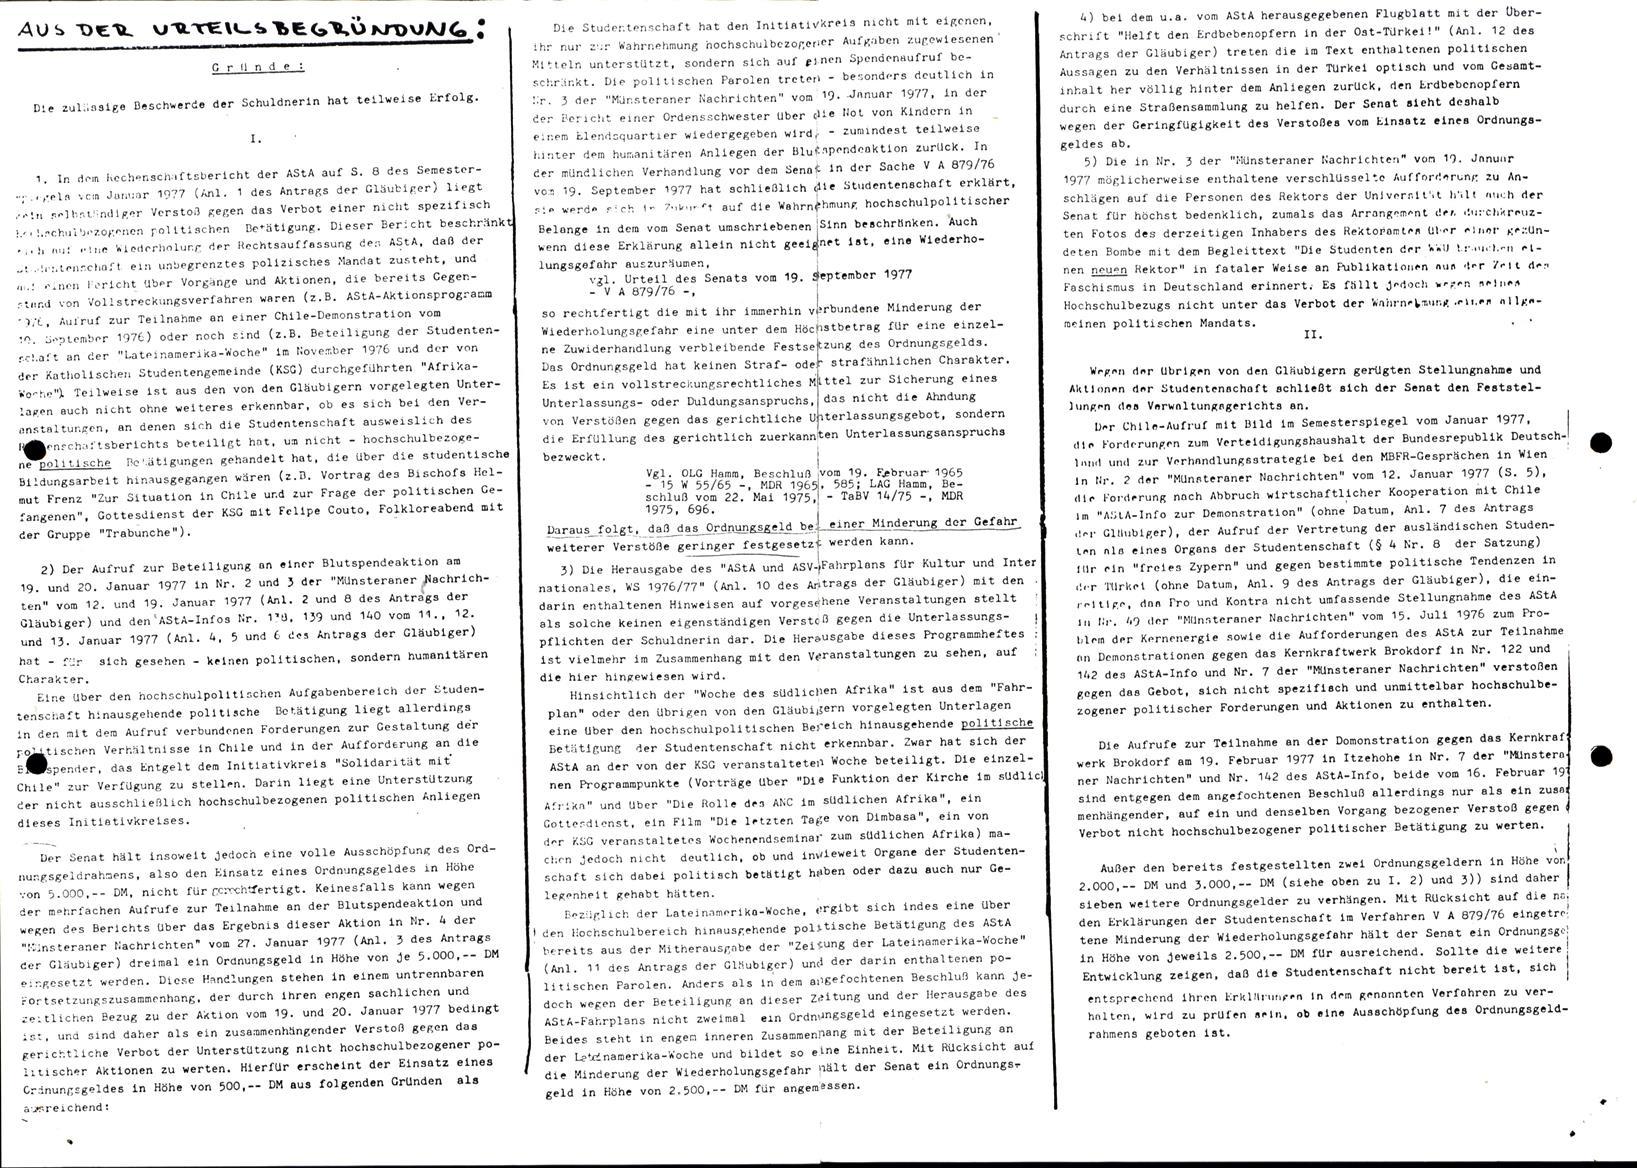 Muenster_AStA_Info_19771115_02